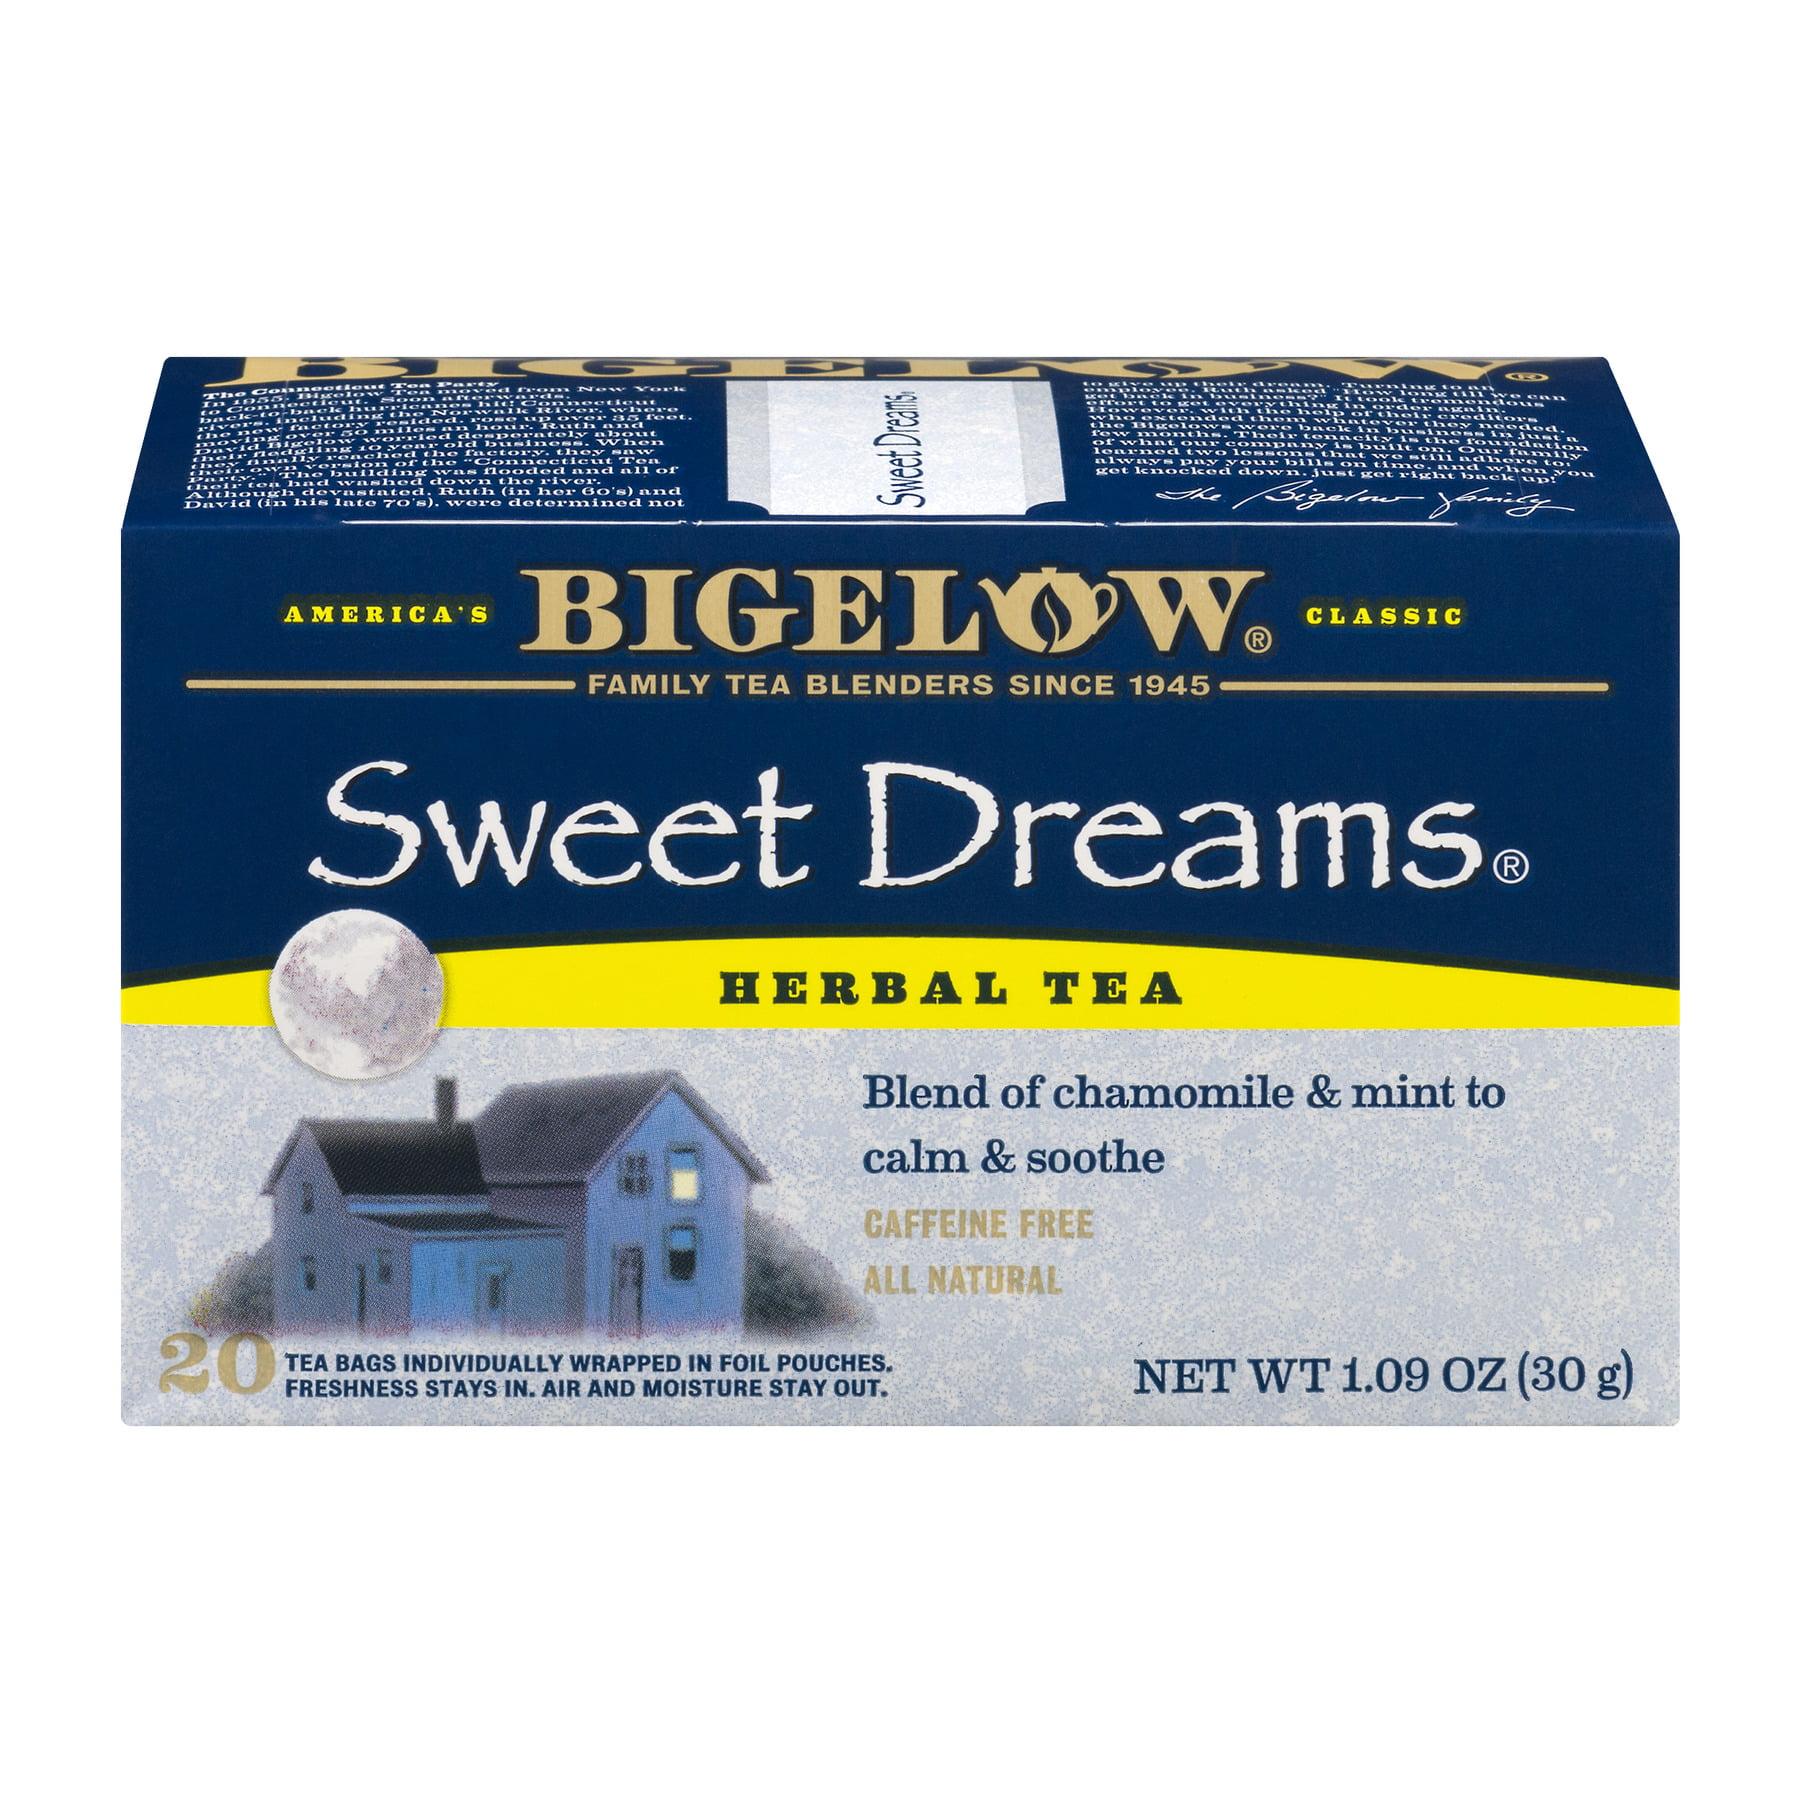 Bigelow Herbal Tea Bags Sweet Dreams 20 CT by R.C. Bigelow, Inc.